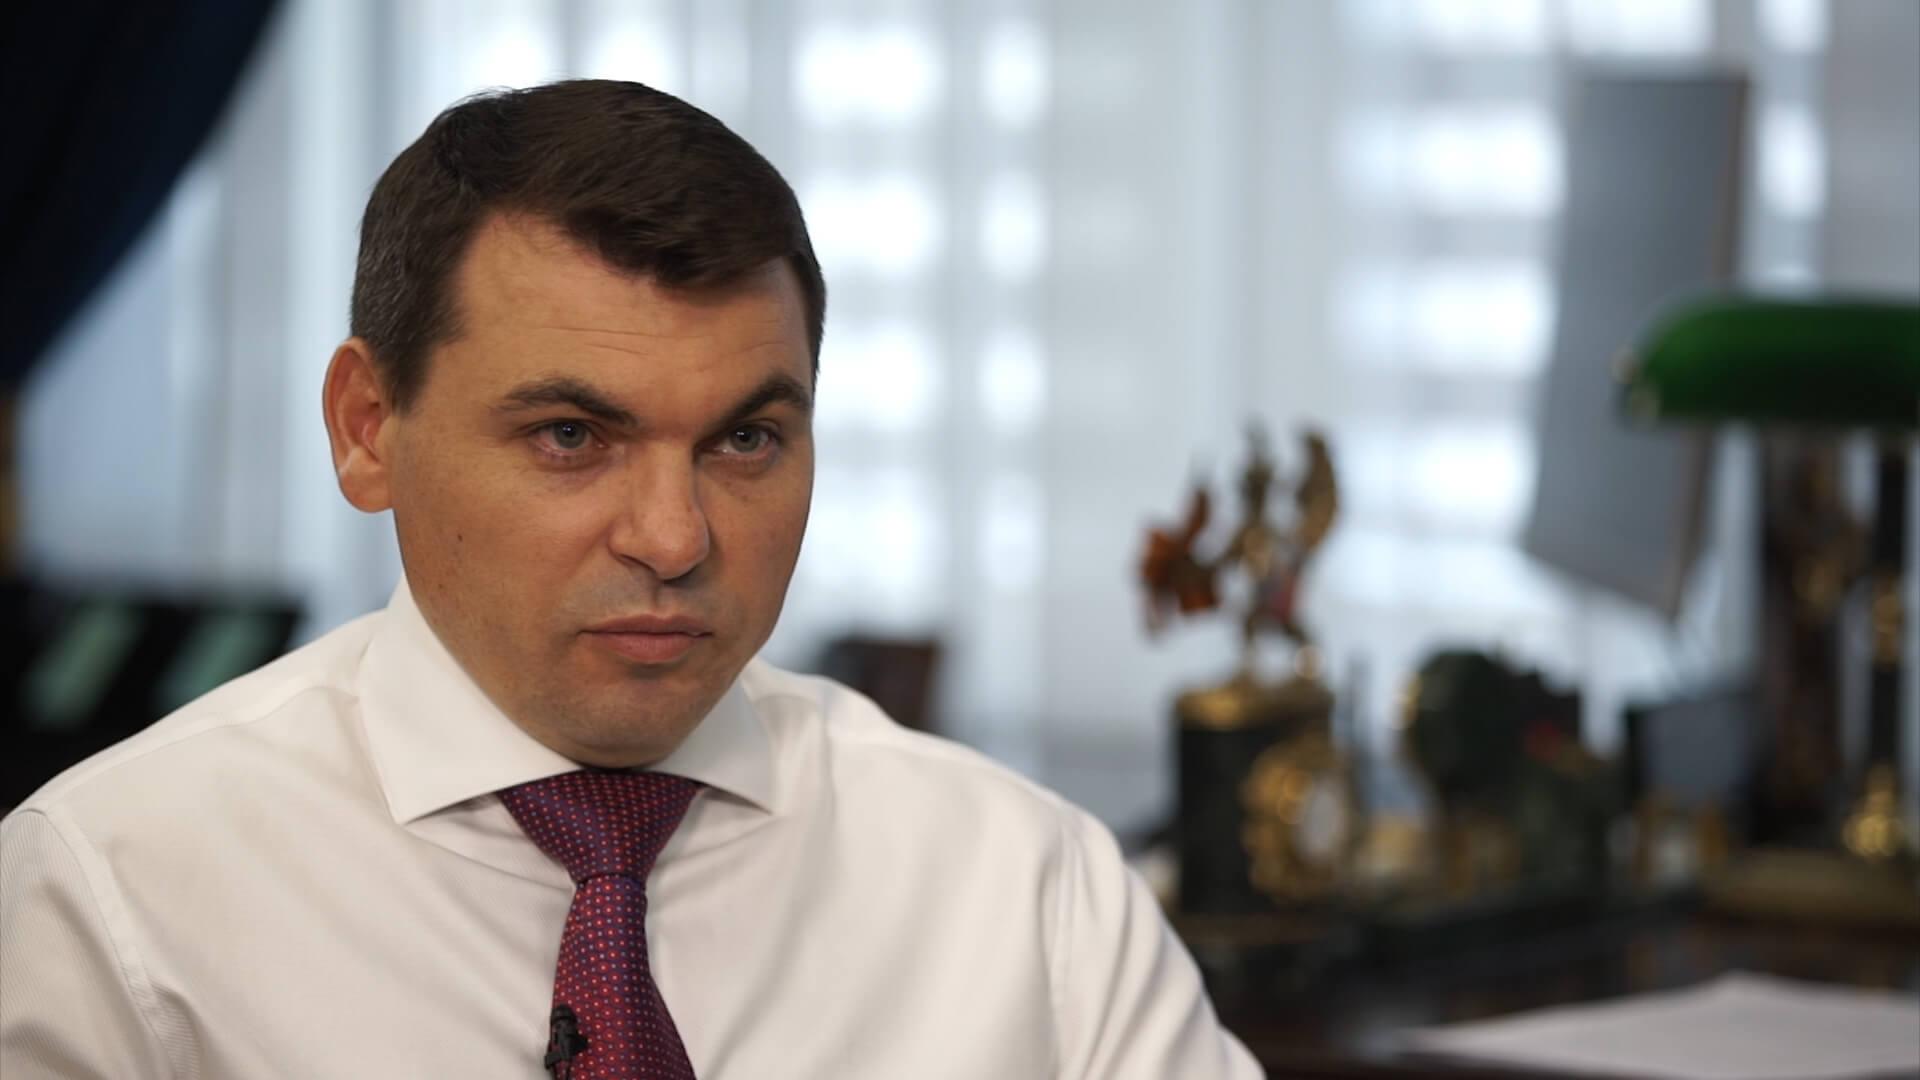 Интервью с министром ГО и ЧС Краснодарского края Сергеем Штриковым